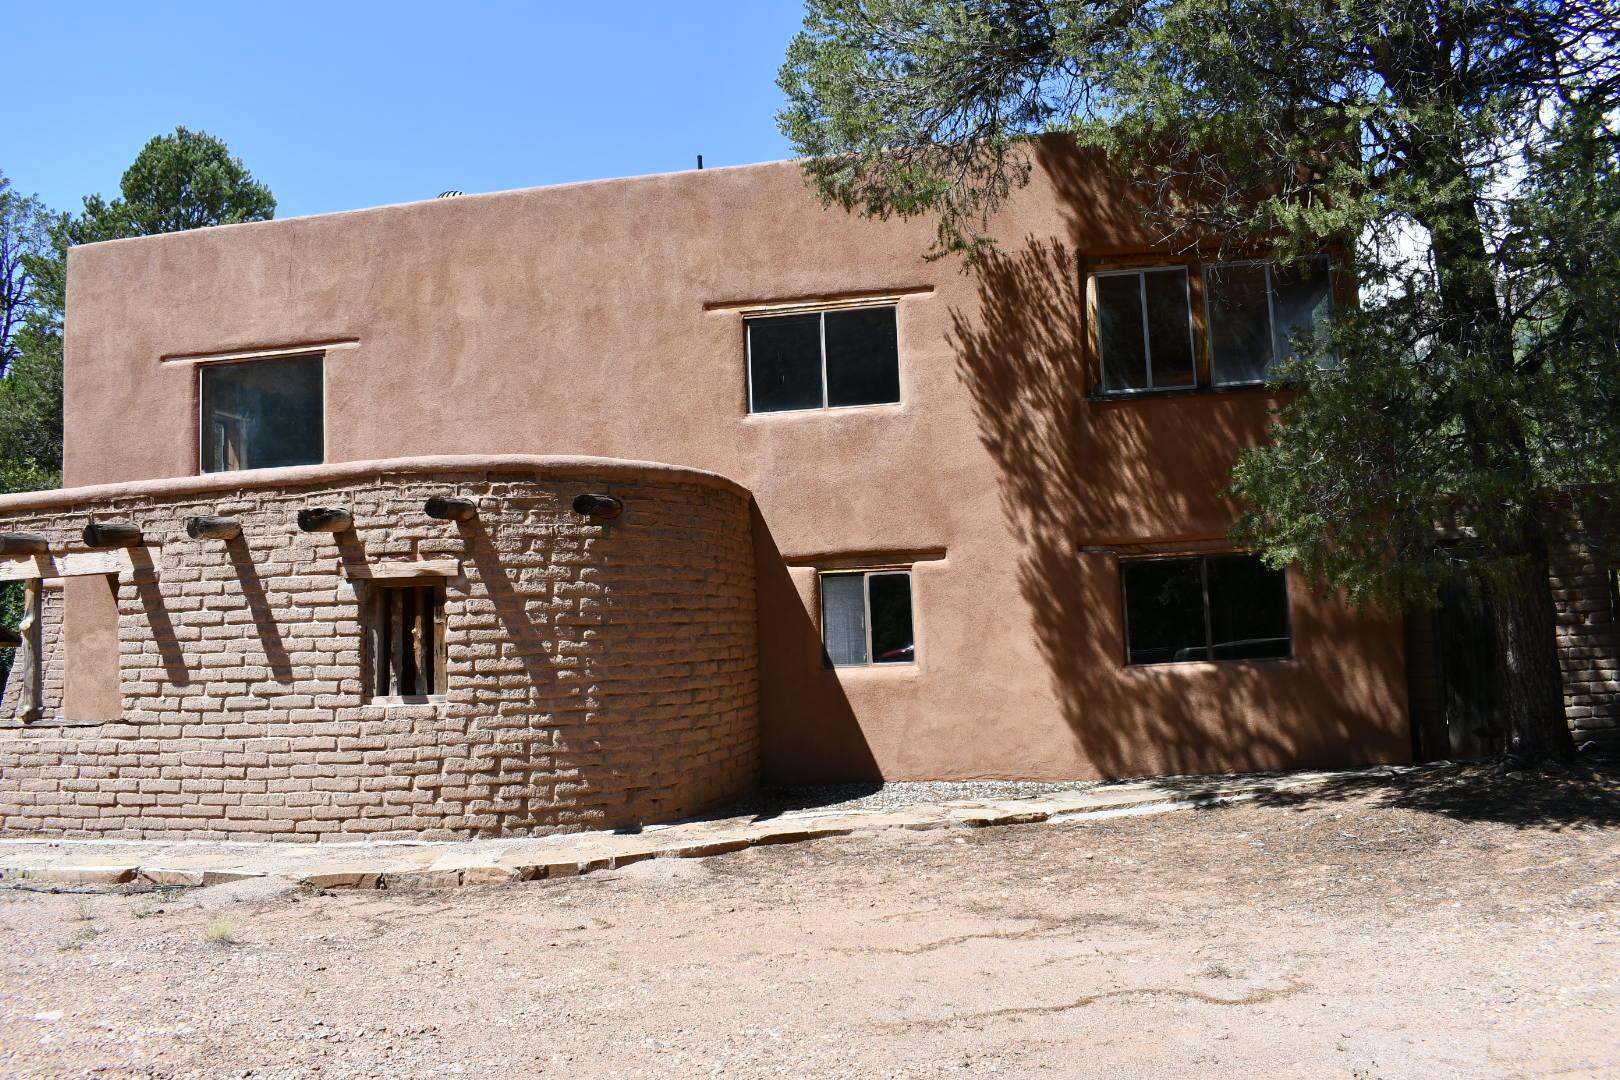 1008 San Diego Loop, Jemez Springs, NM 87025 - Jemez Springs, NM real estate listing